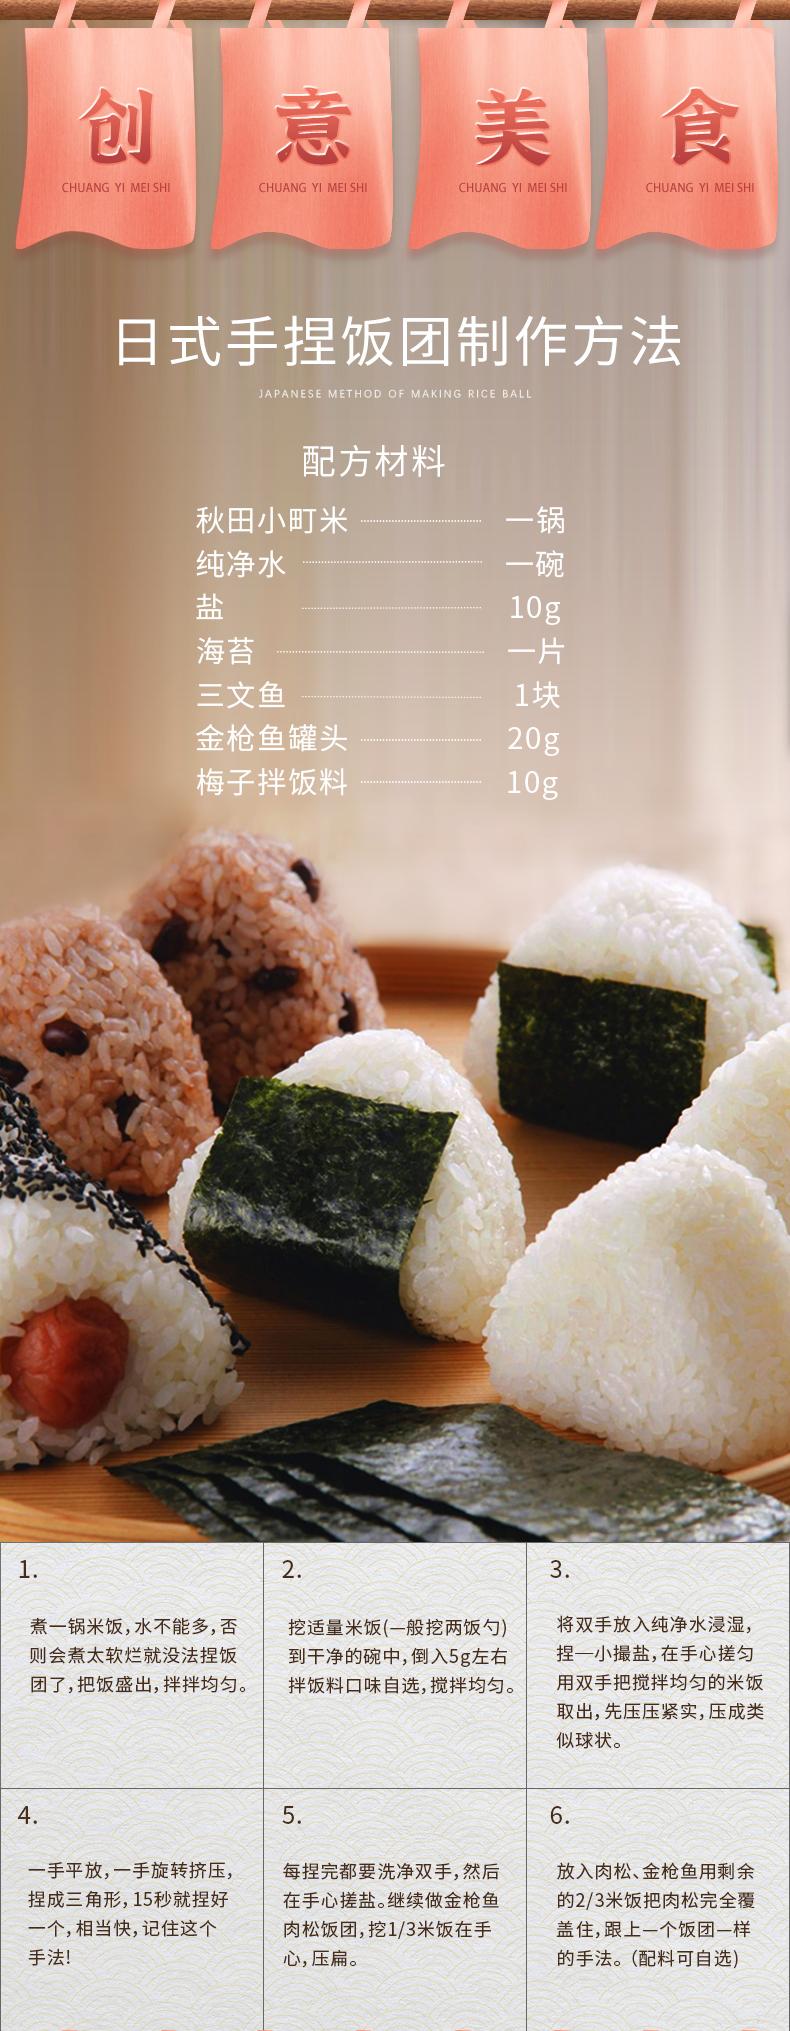 88713-深粮 秋田小町大米5斤 寿司香米东北大米 一级梗米粥米 2.5kg-详情图